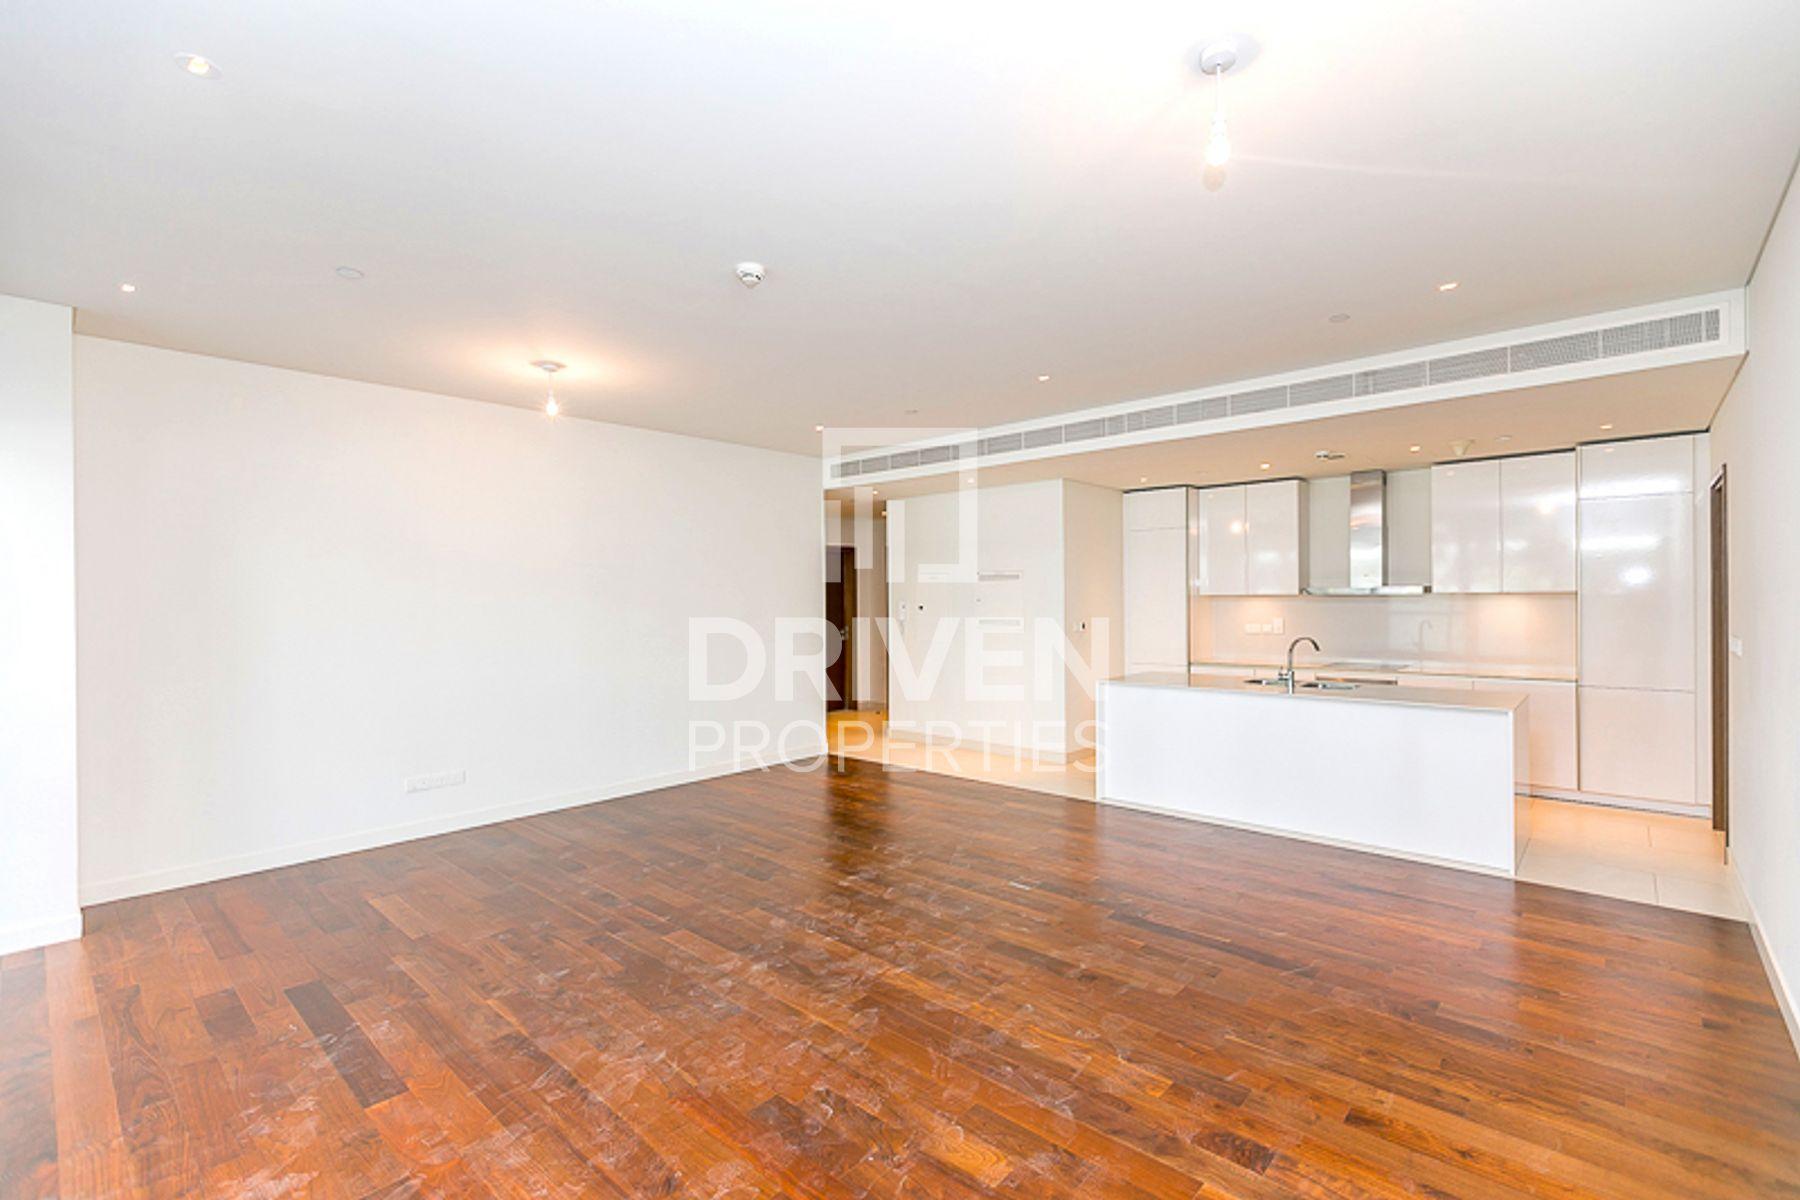 للايجار - شقة - 13A بناية - سيتي ووك